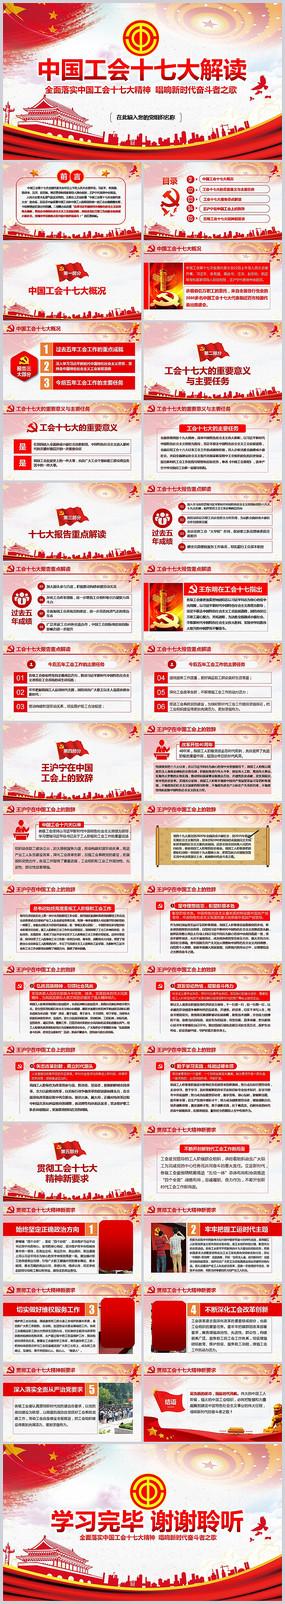 解读中国工会十七大PPT pptx